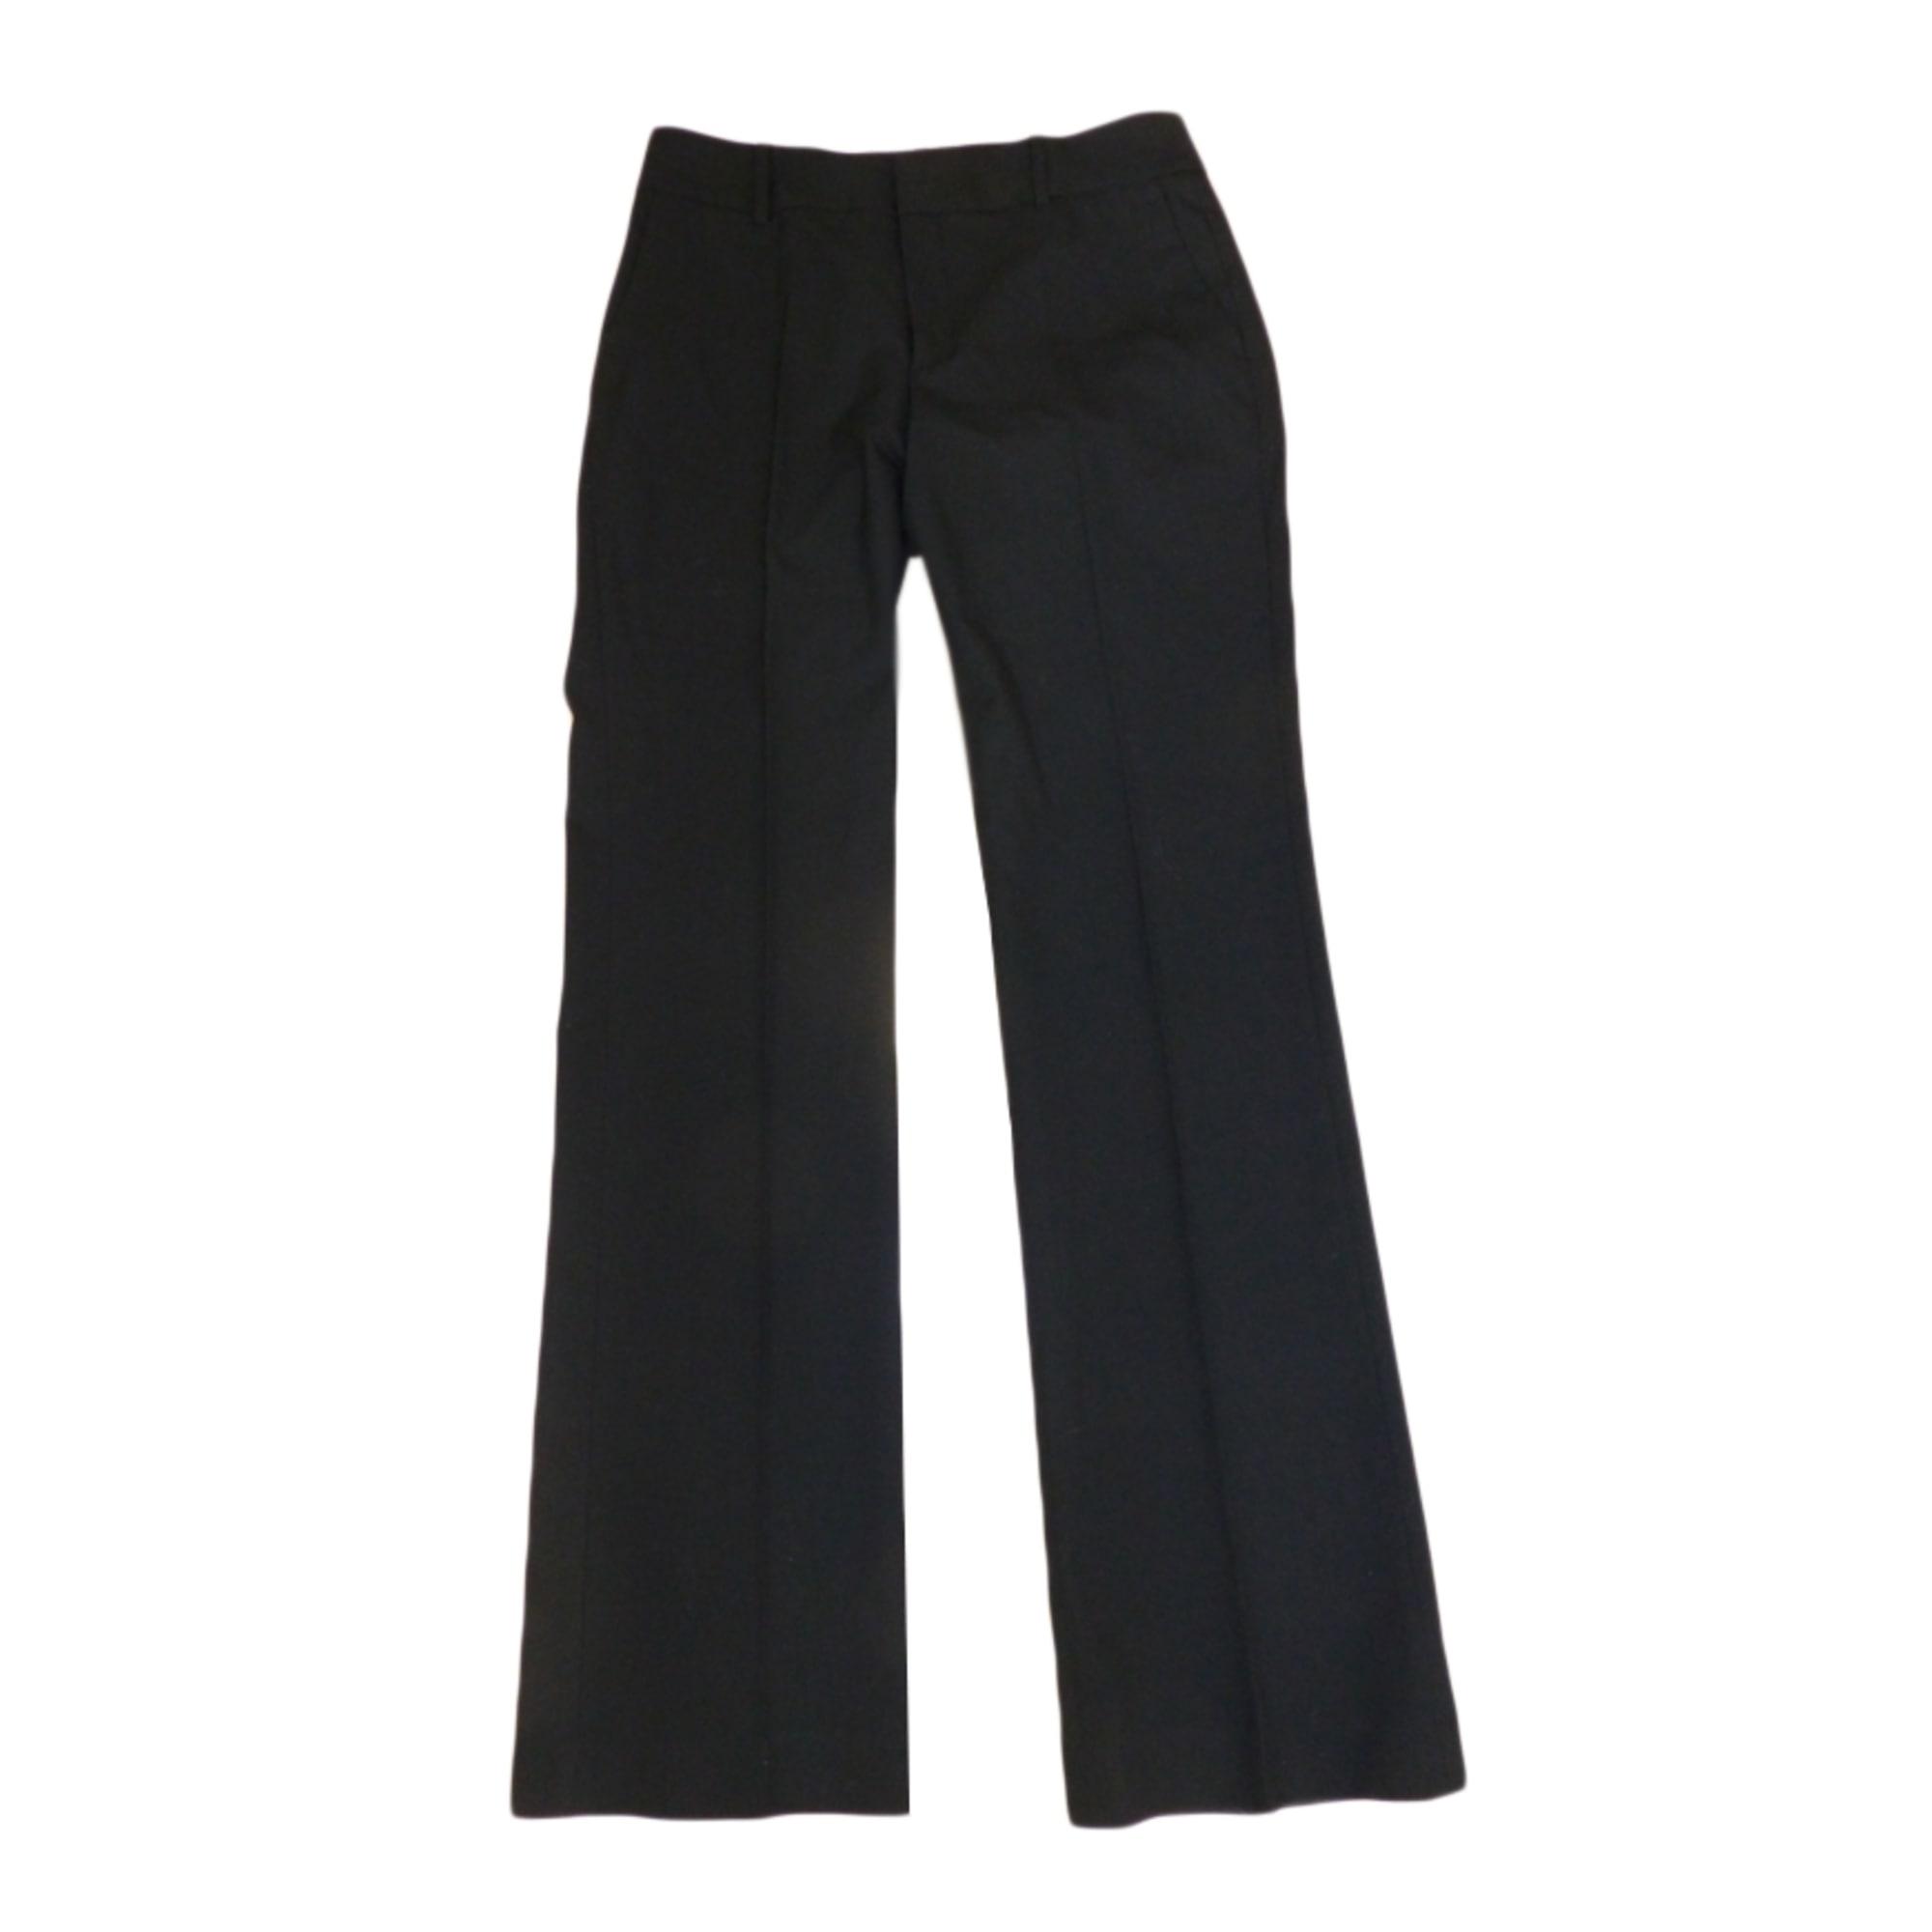 Pantalon droit ZARA 38 (M, T2) noir - 356